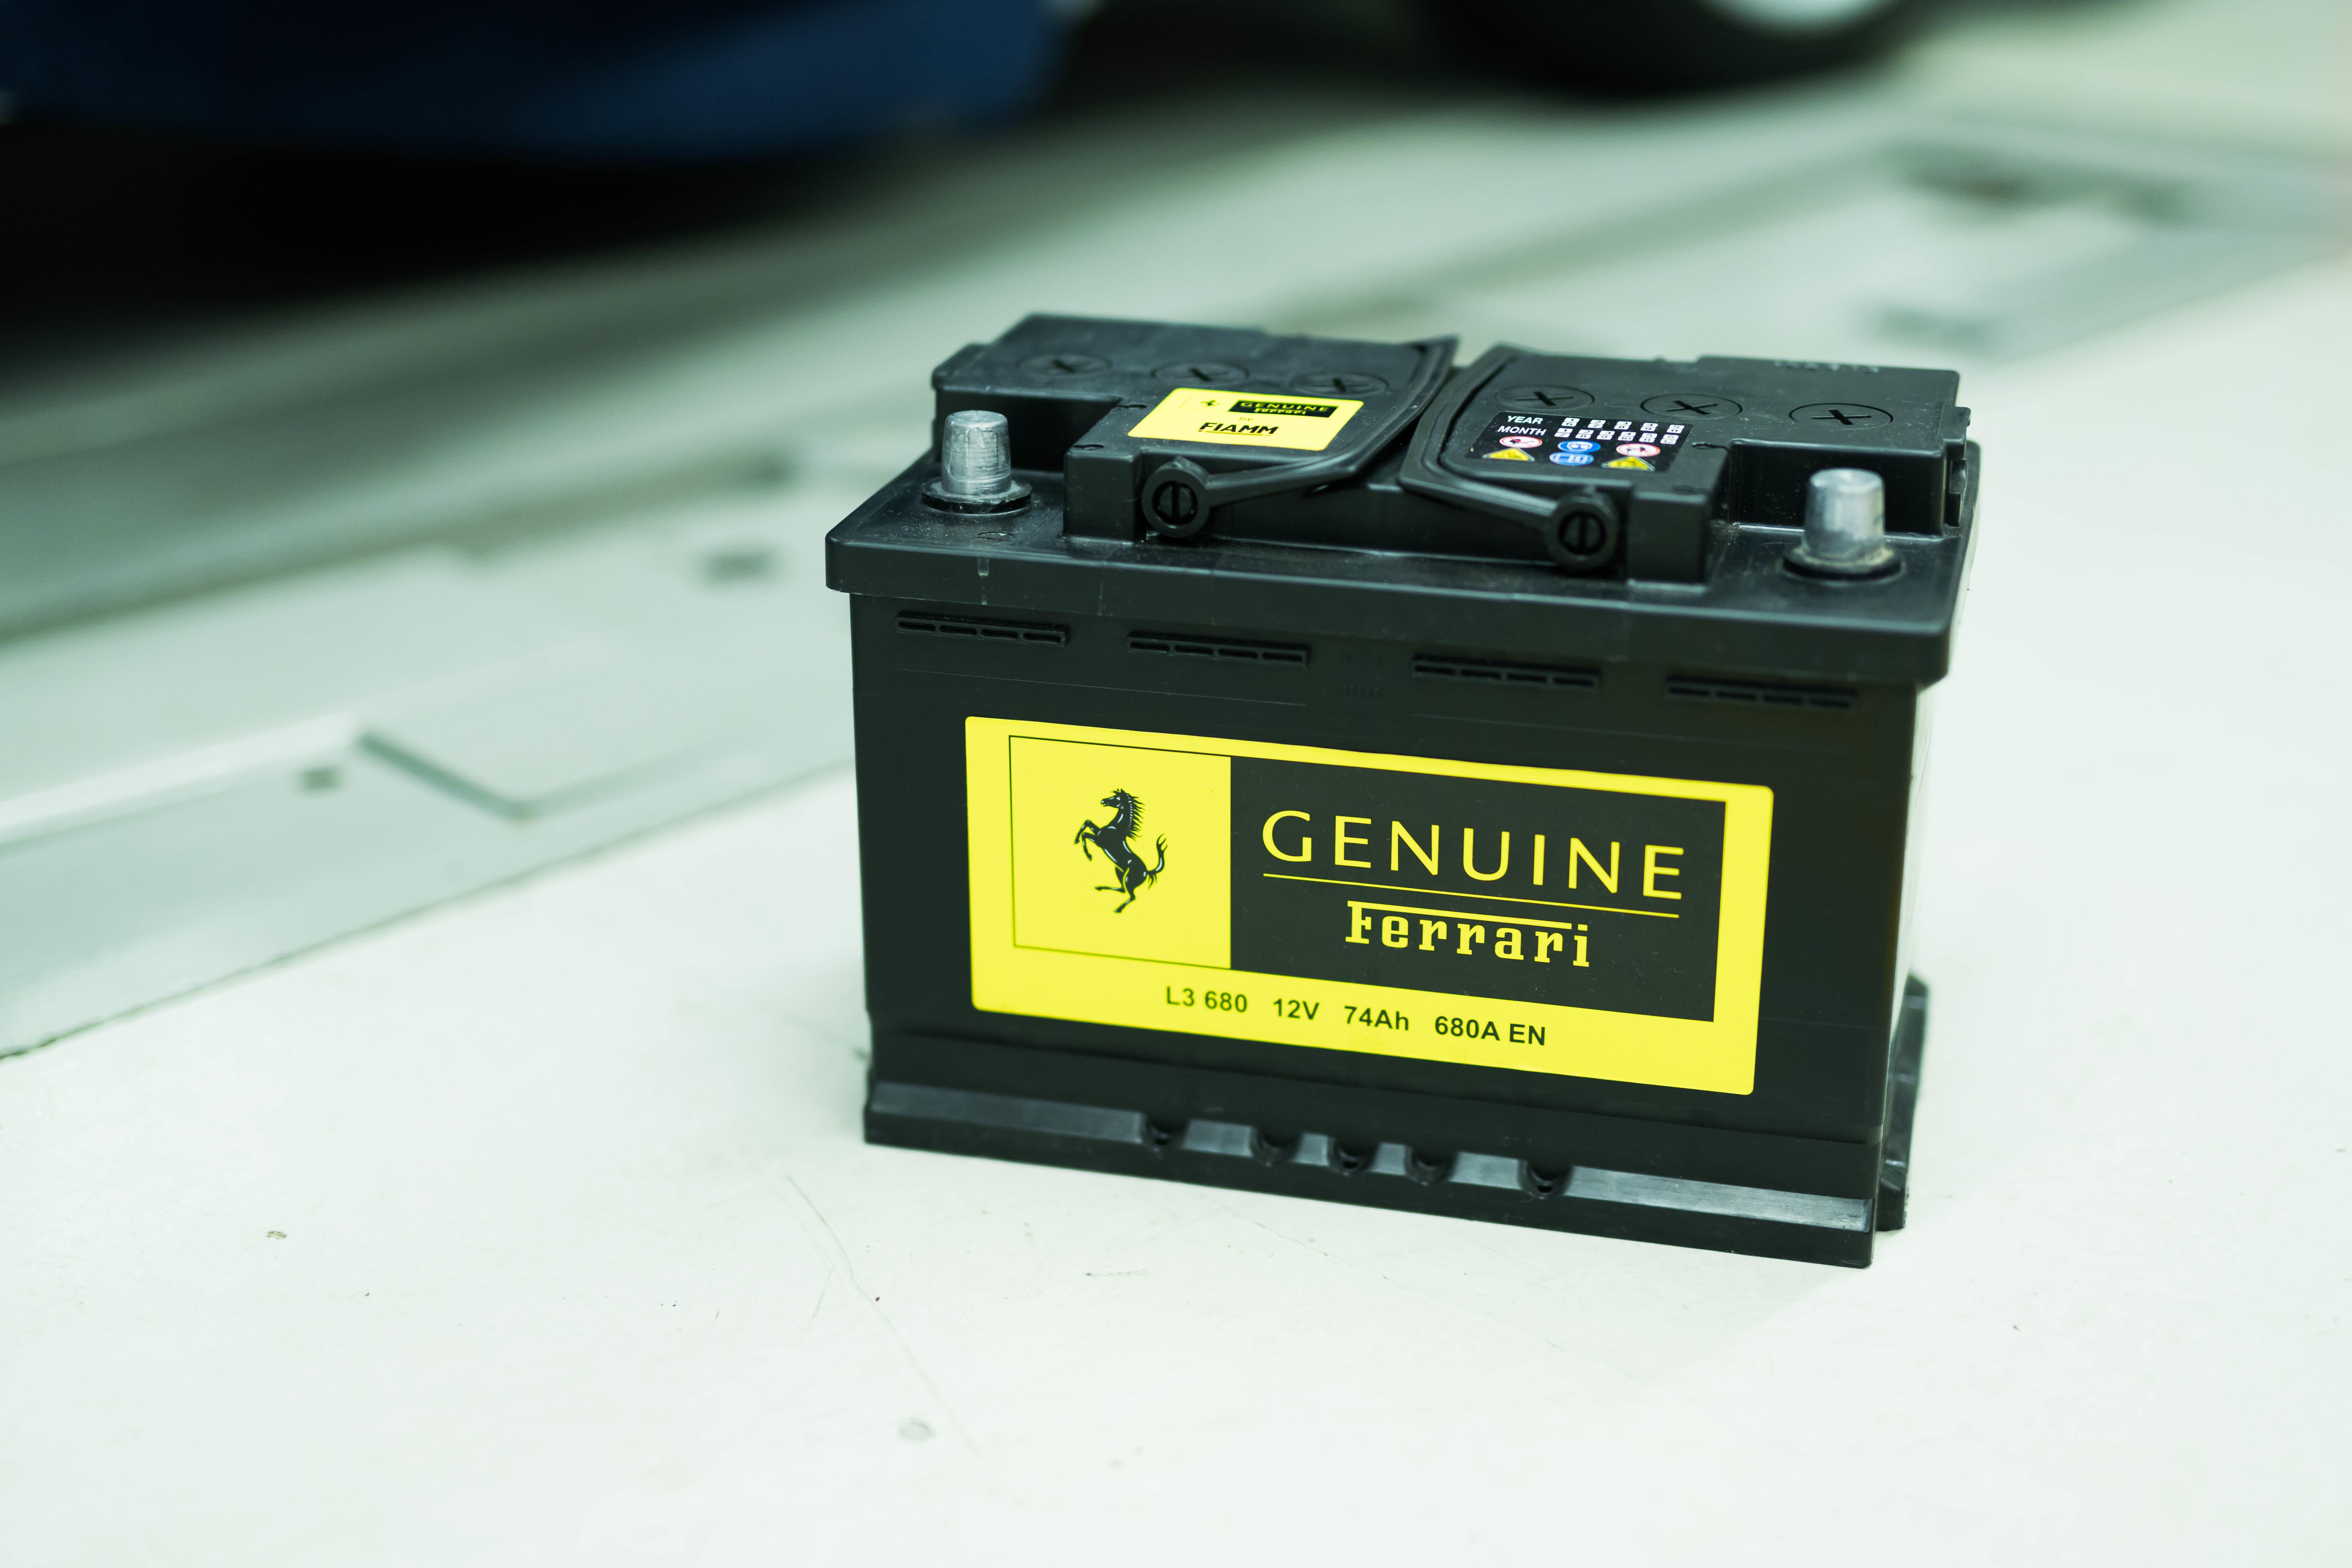 29歳、フェラーリを買う──Vol.31 バッテリー交換で爆発の危険性発覚!?